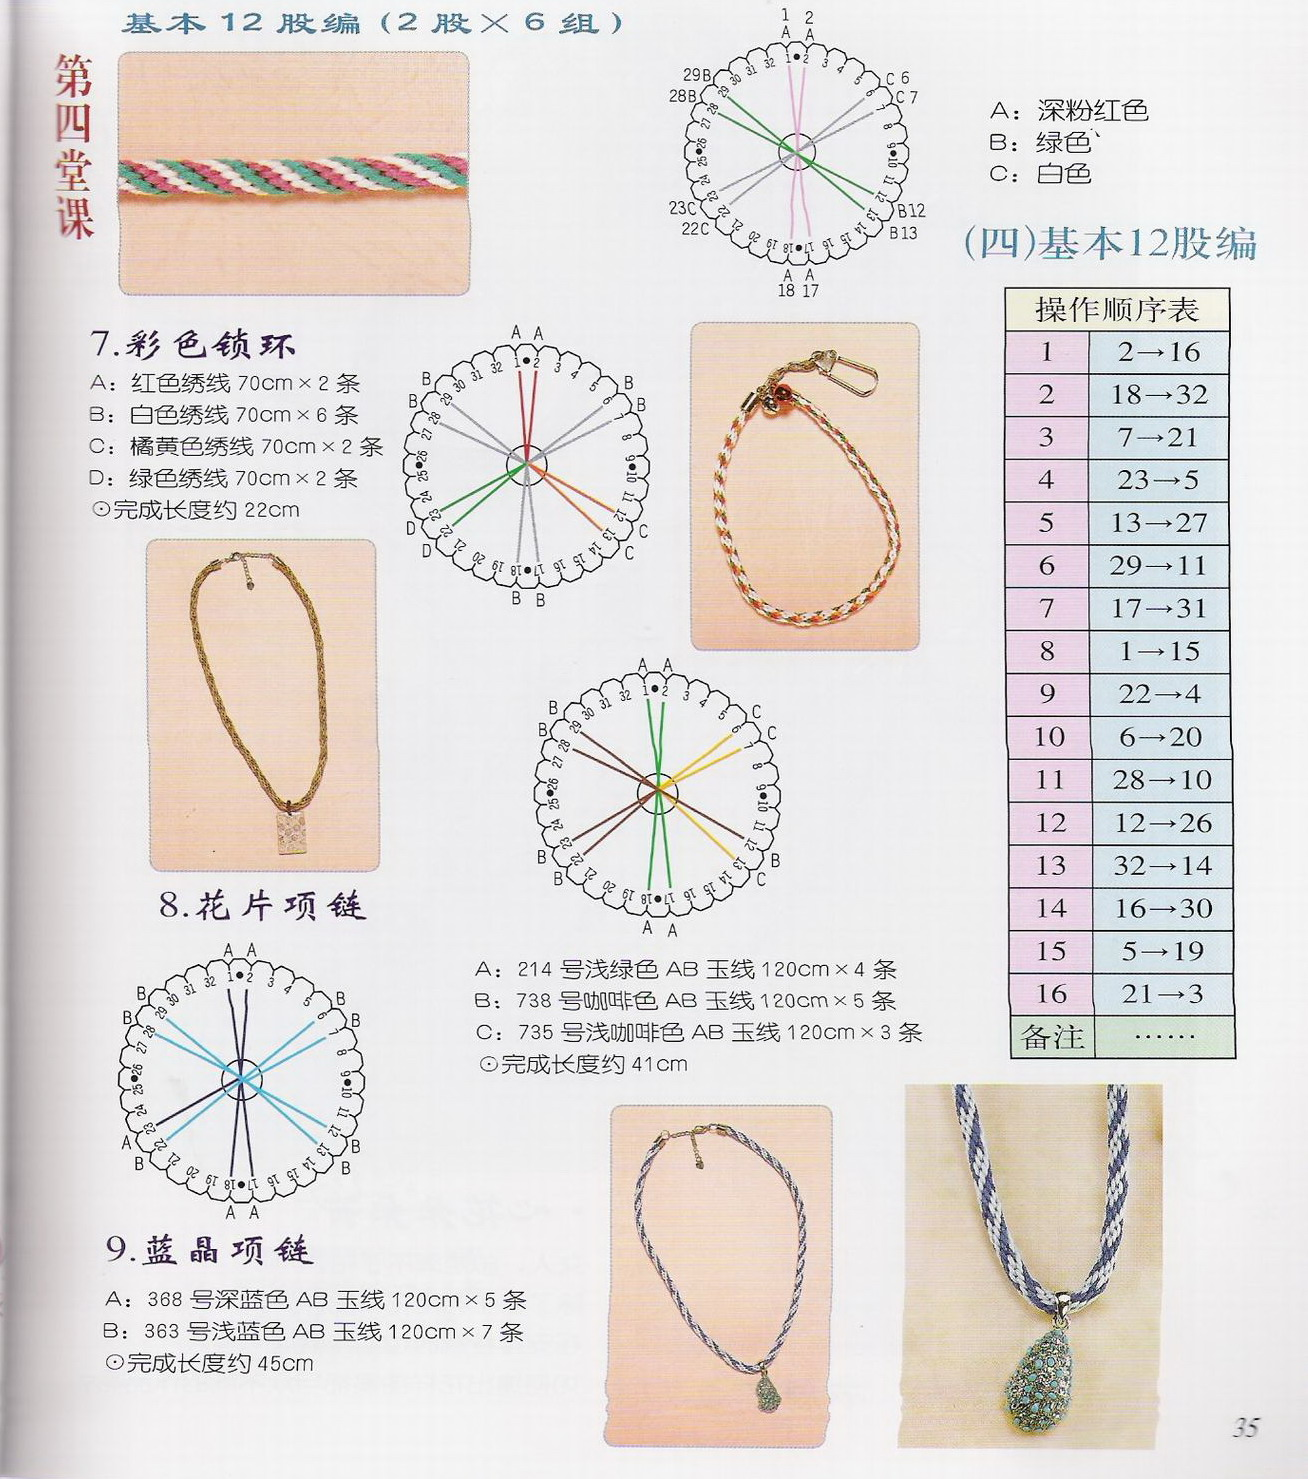 泡沫板手绳的编织方法